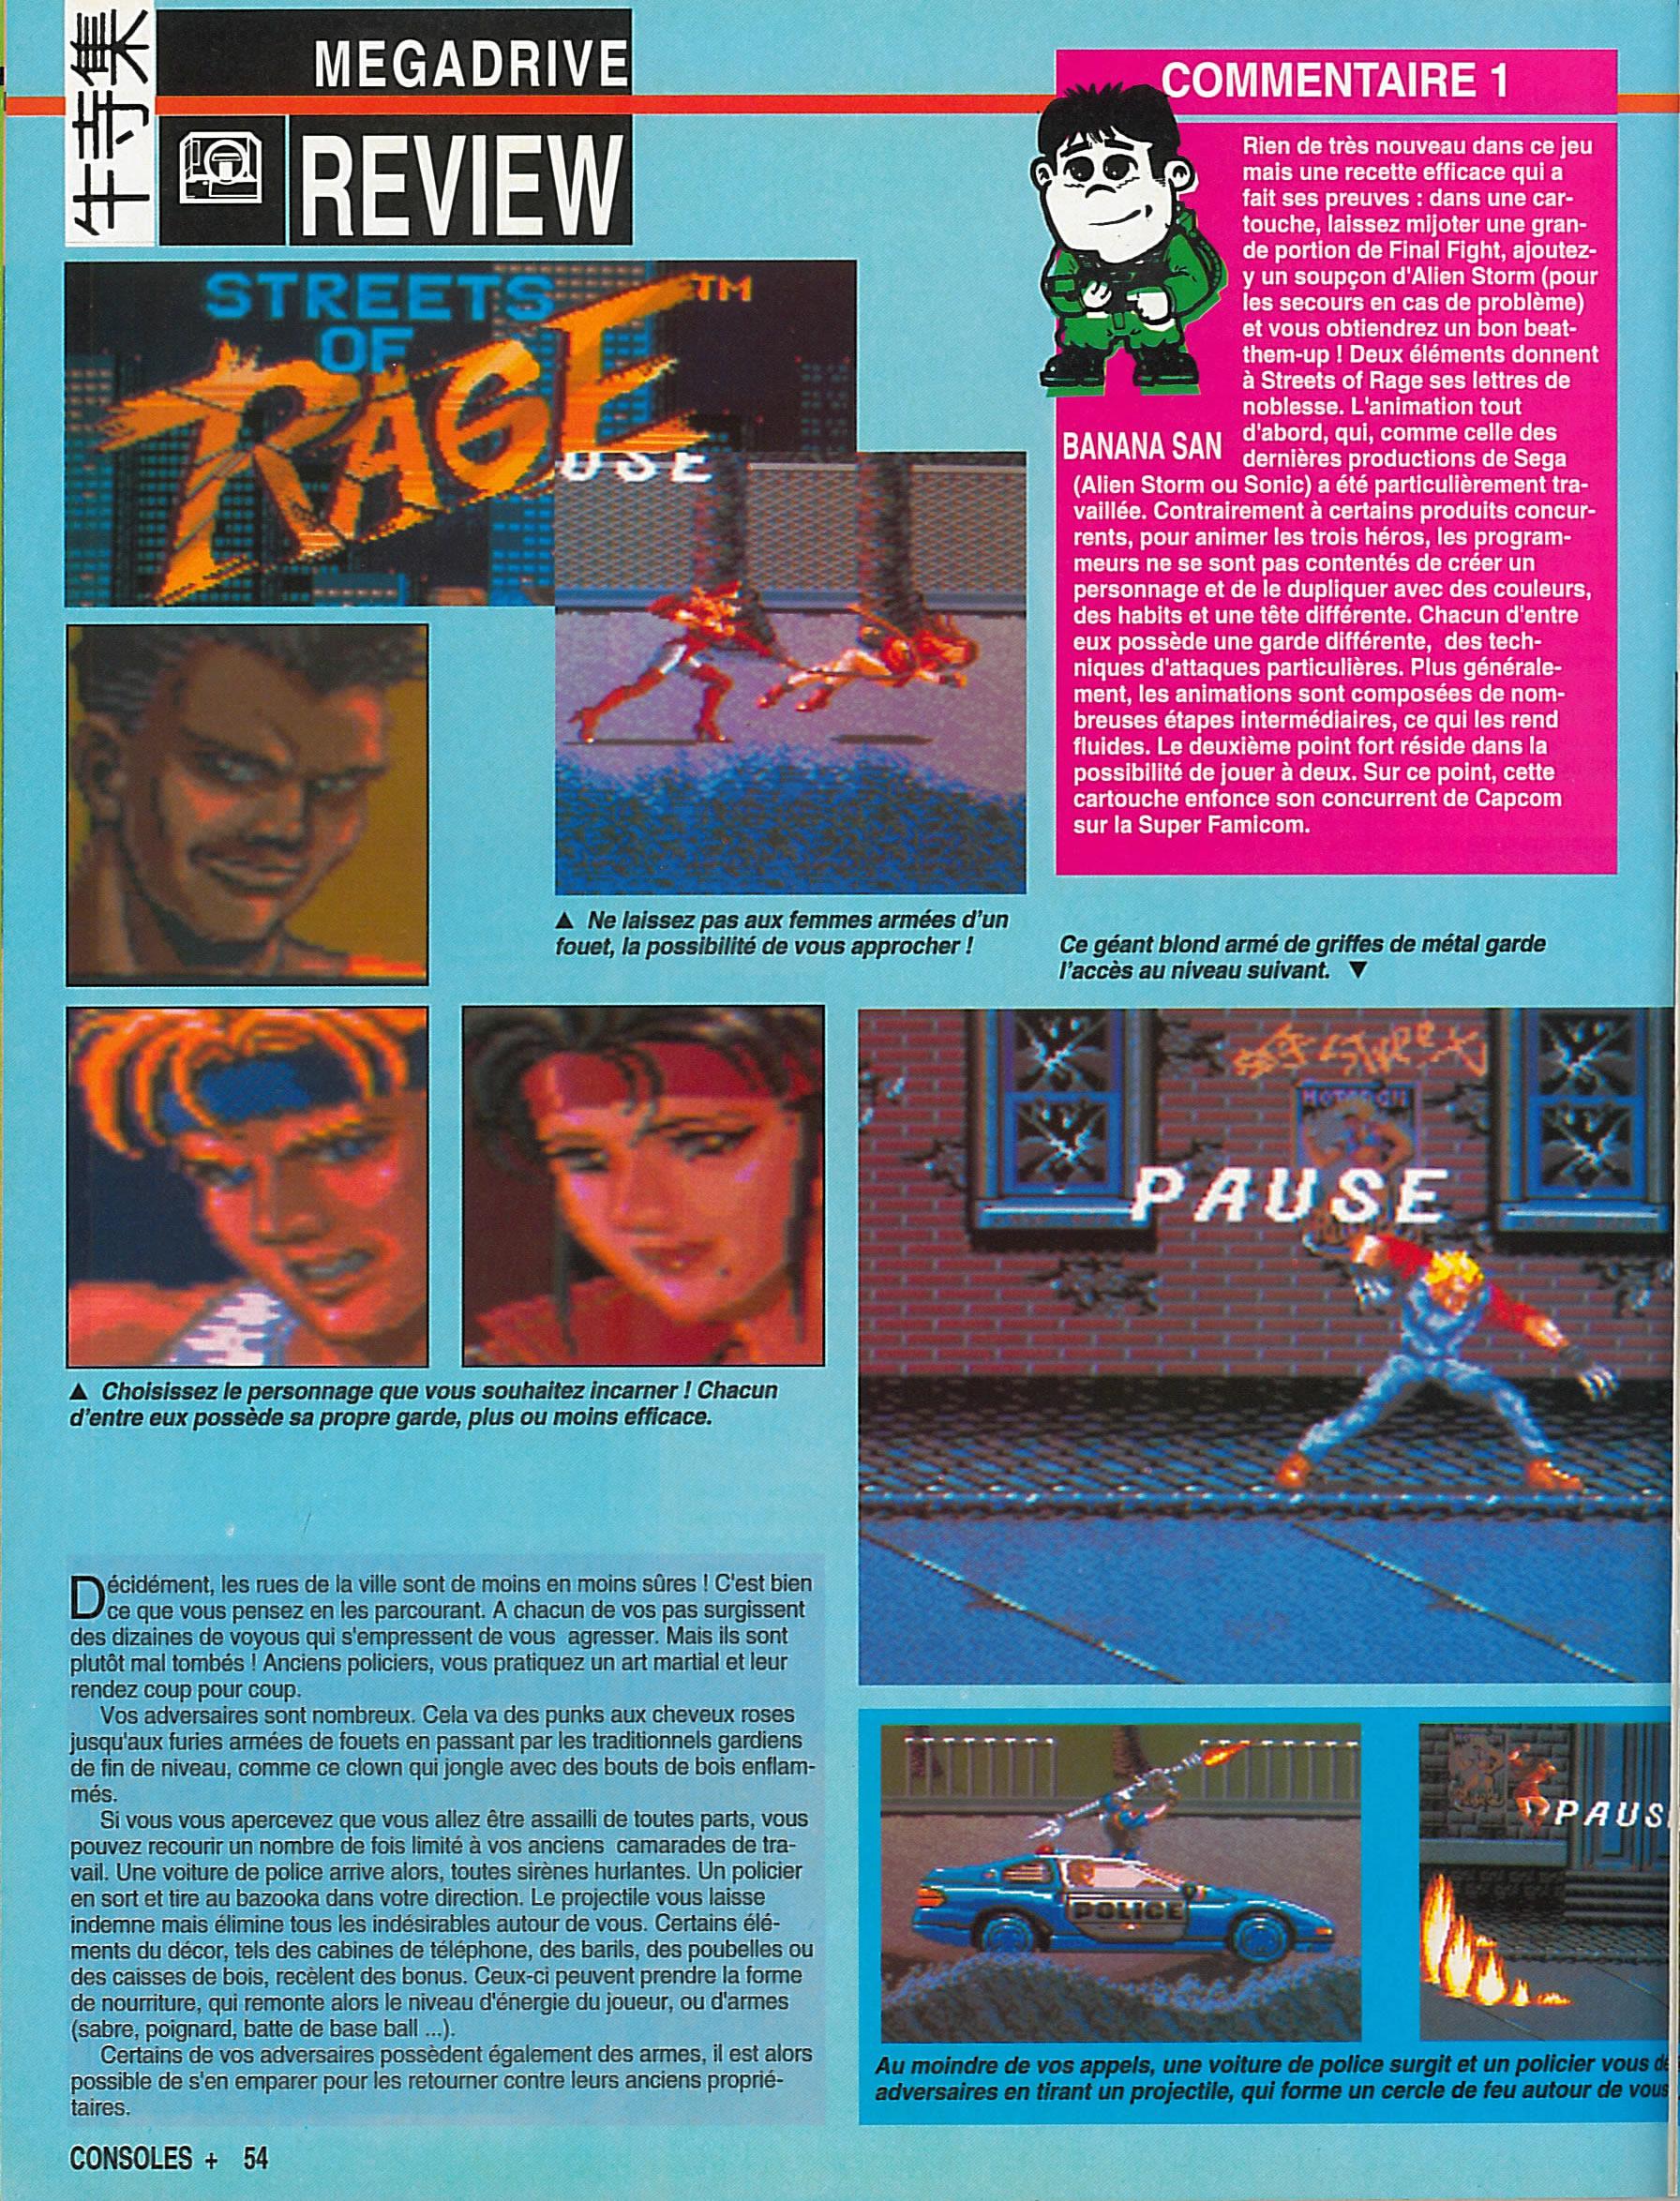 MEGADRIVE vs SUPER NINTENDO : Fight ! - Page 27 Consoles%20%2B%20001%20-%20Page%20054%20%28septembre%201991%29